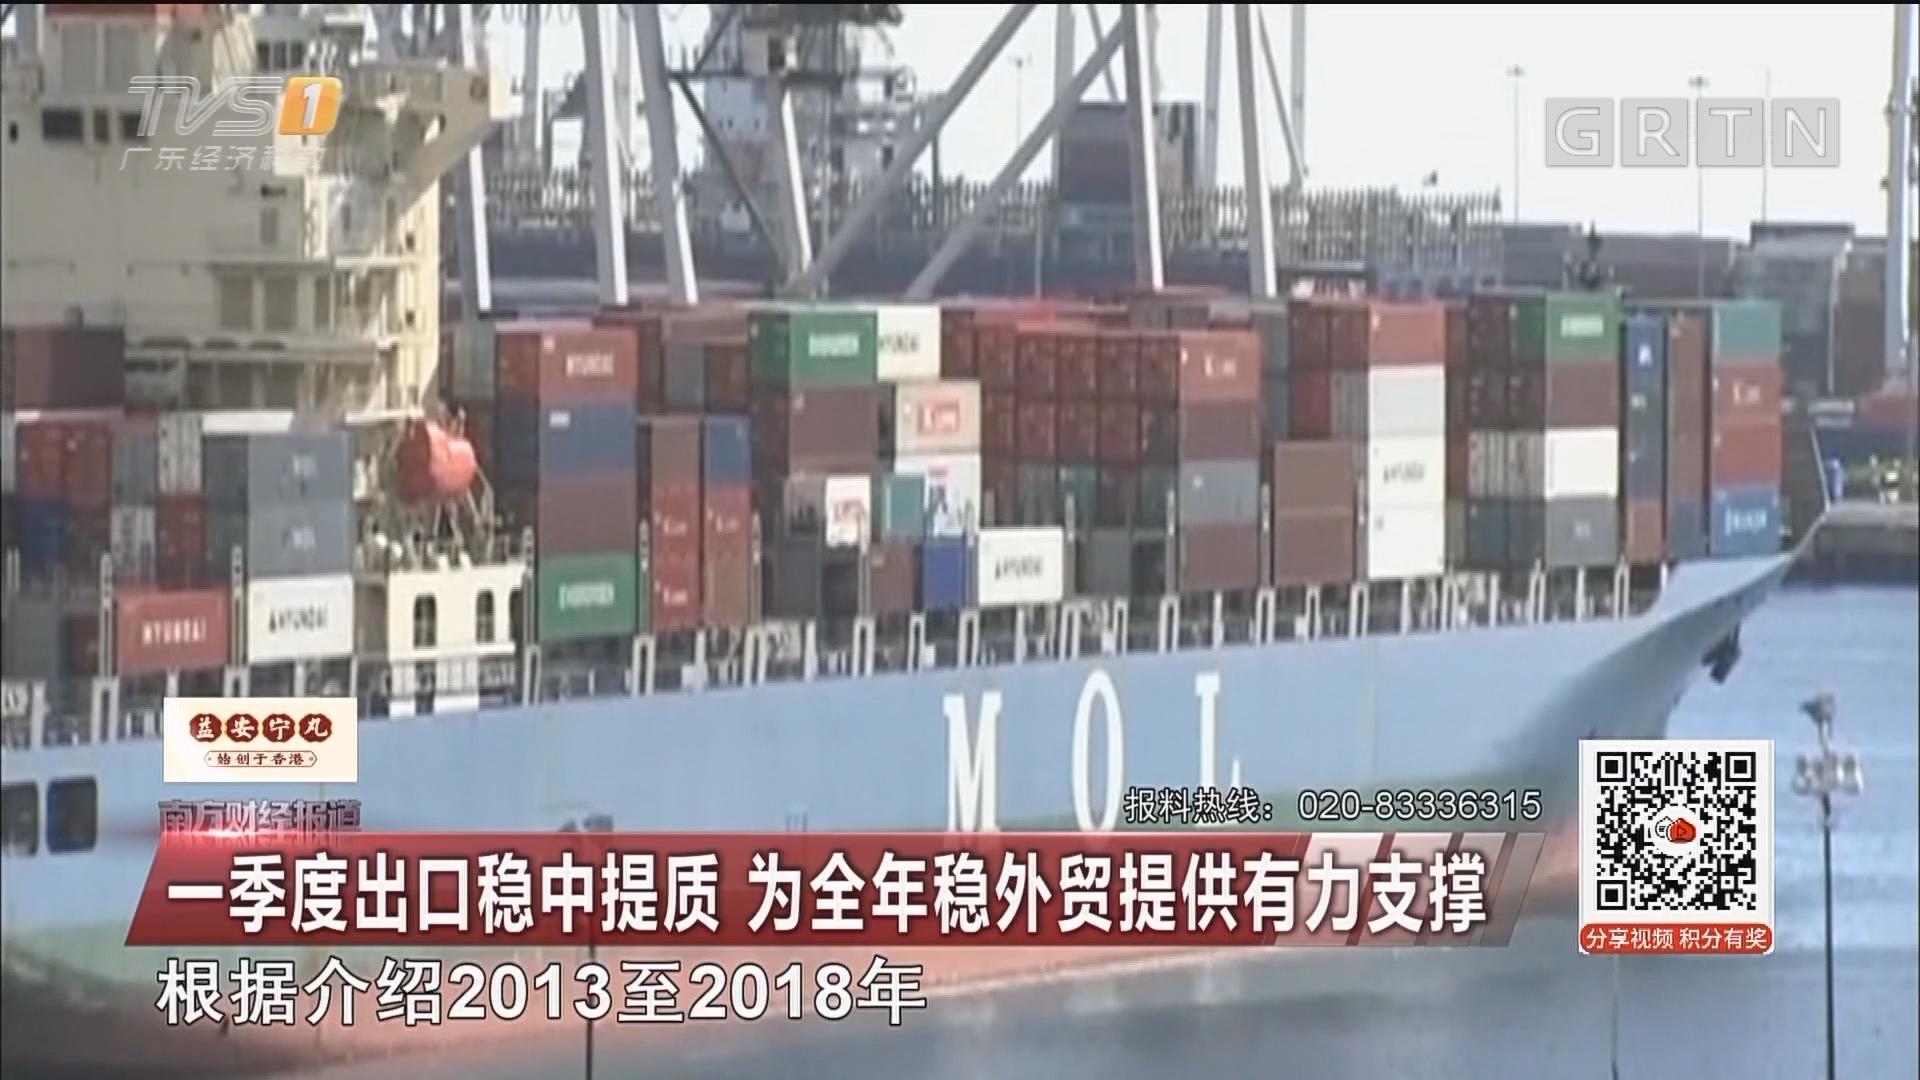 一季度出口穩中提質 為全年穩外貿提供有力支撐